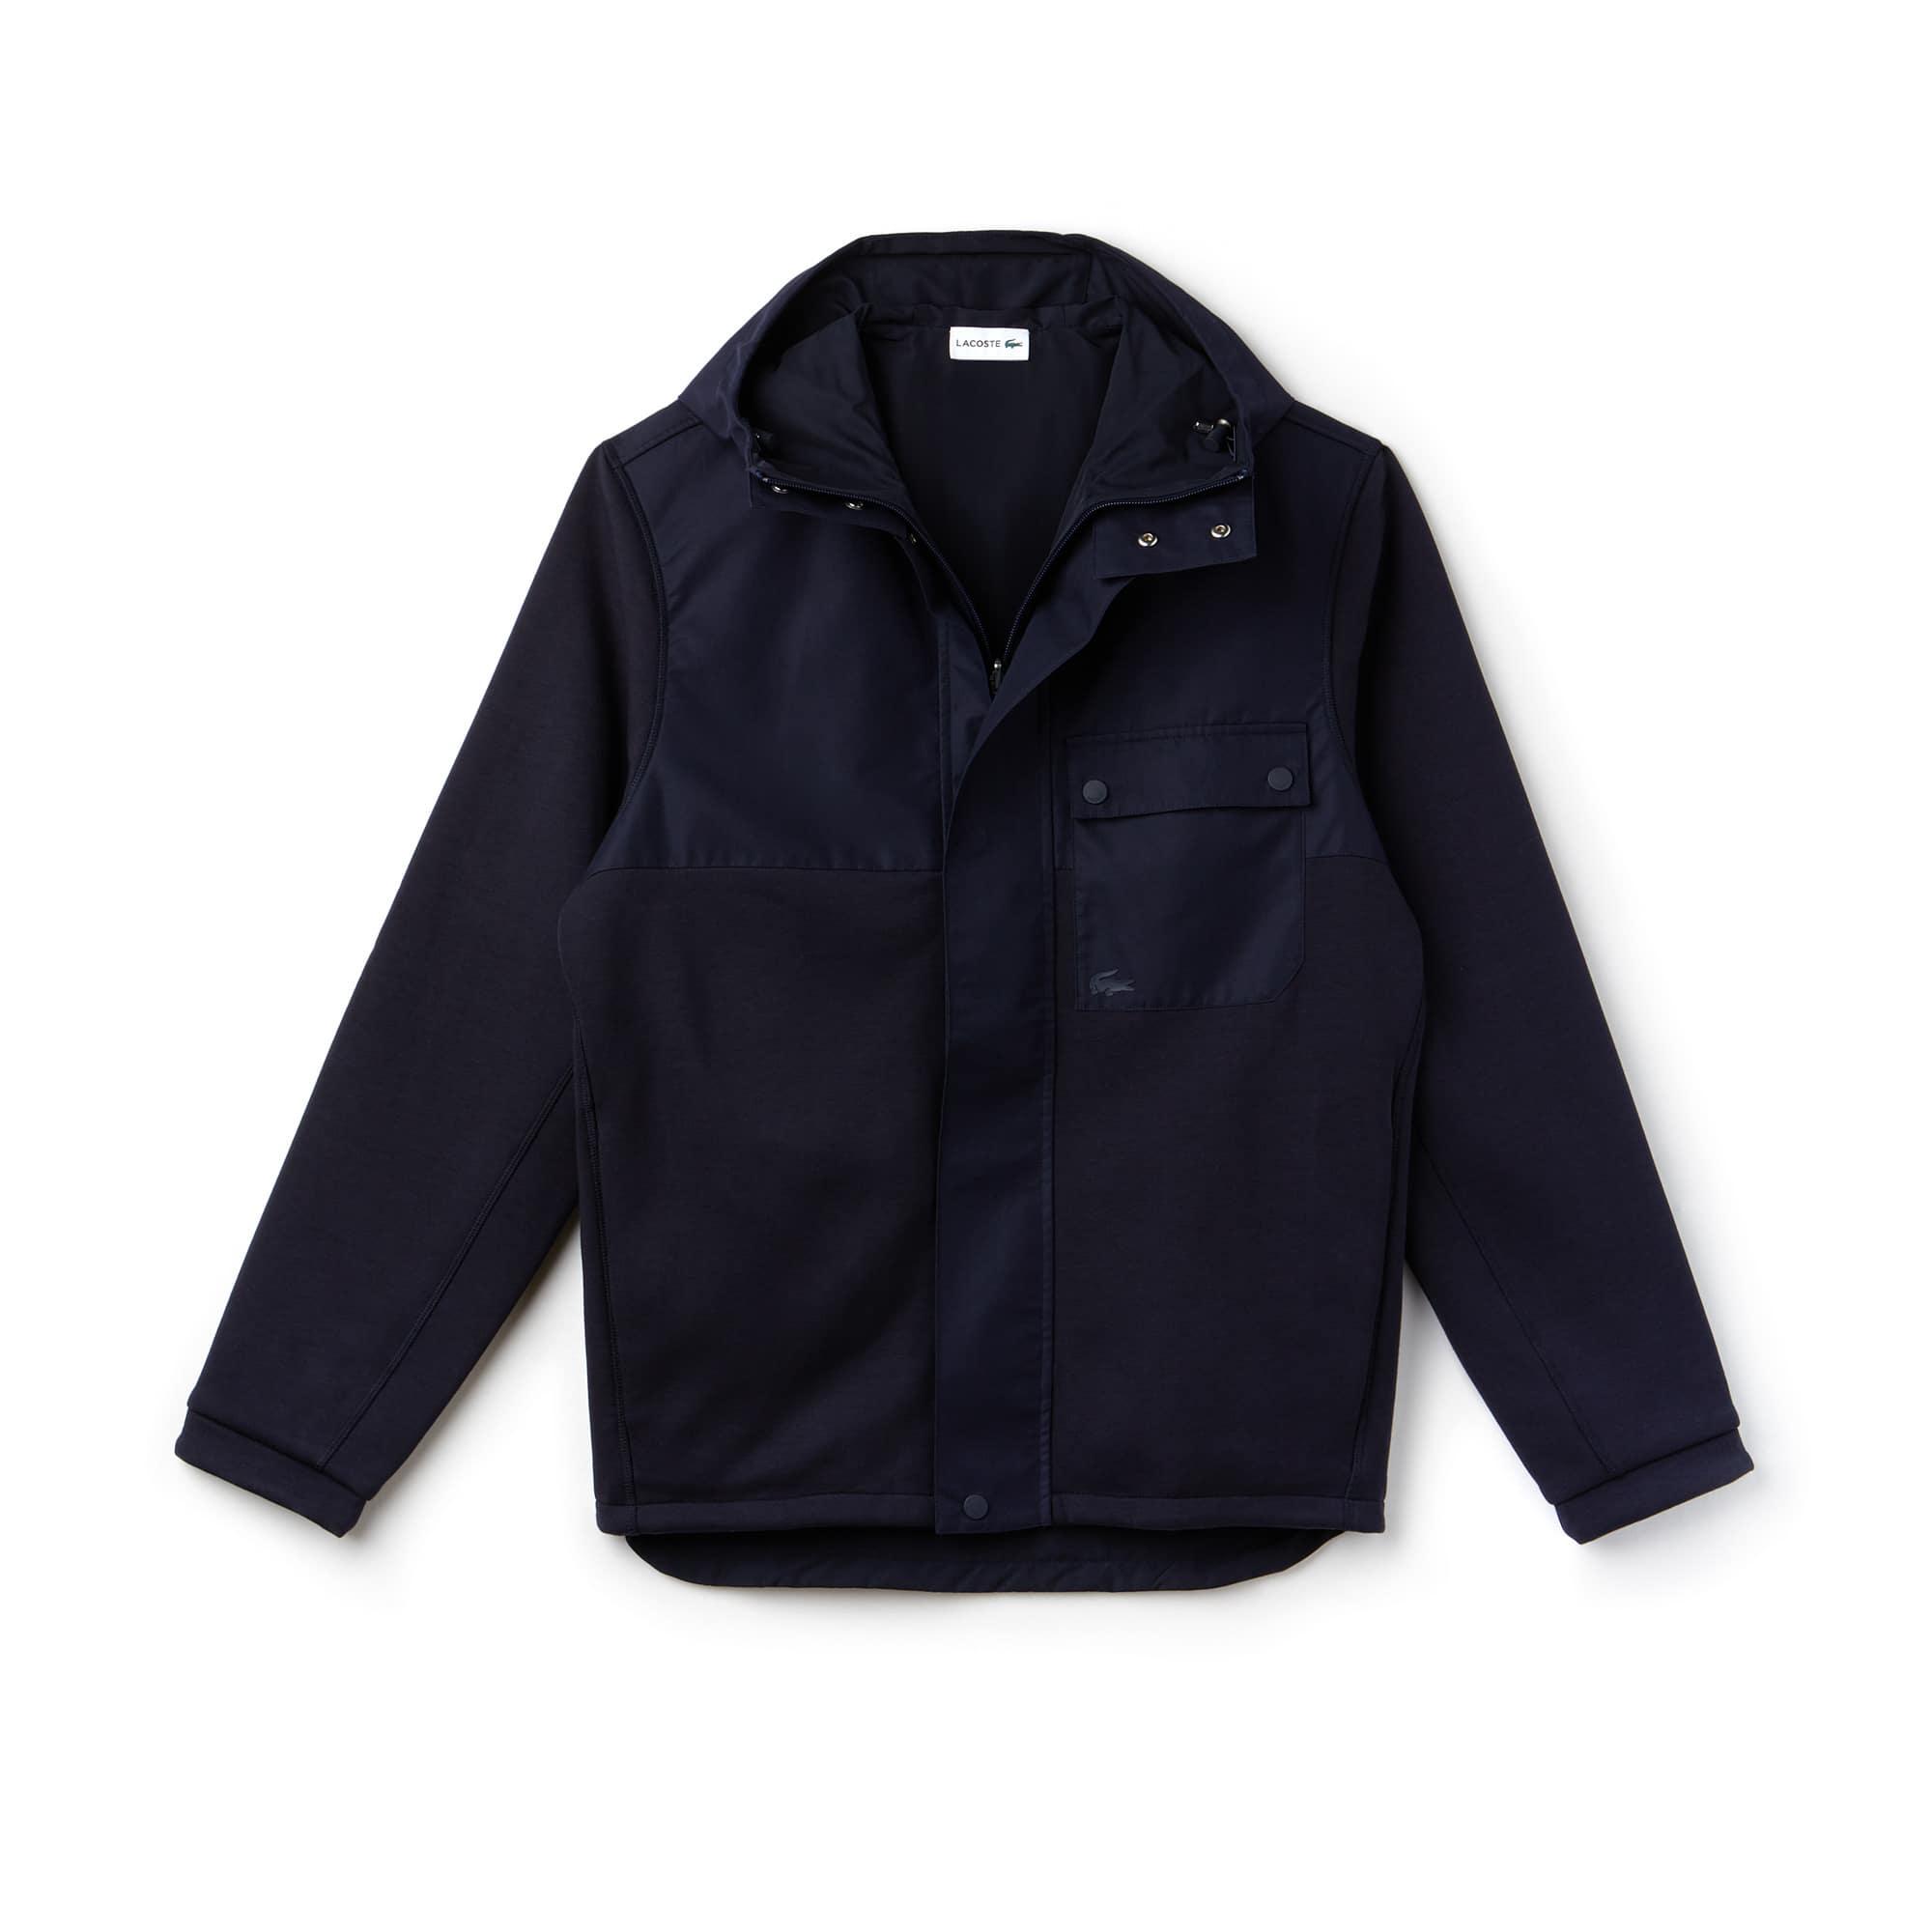 Blouson réversible zippé en molleton et jersey color block